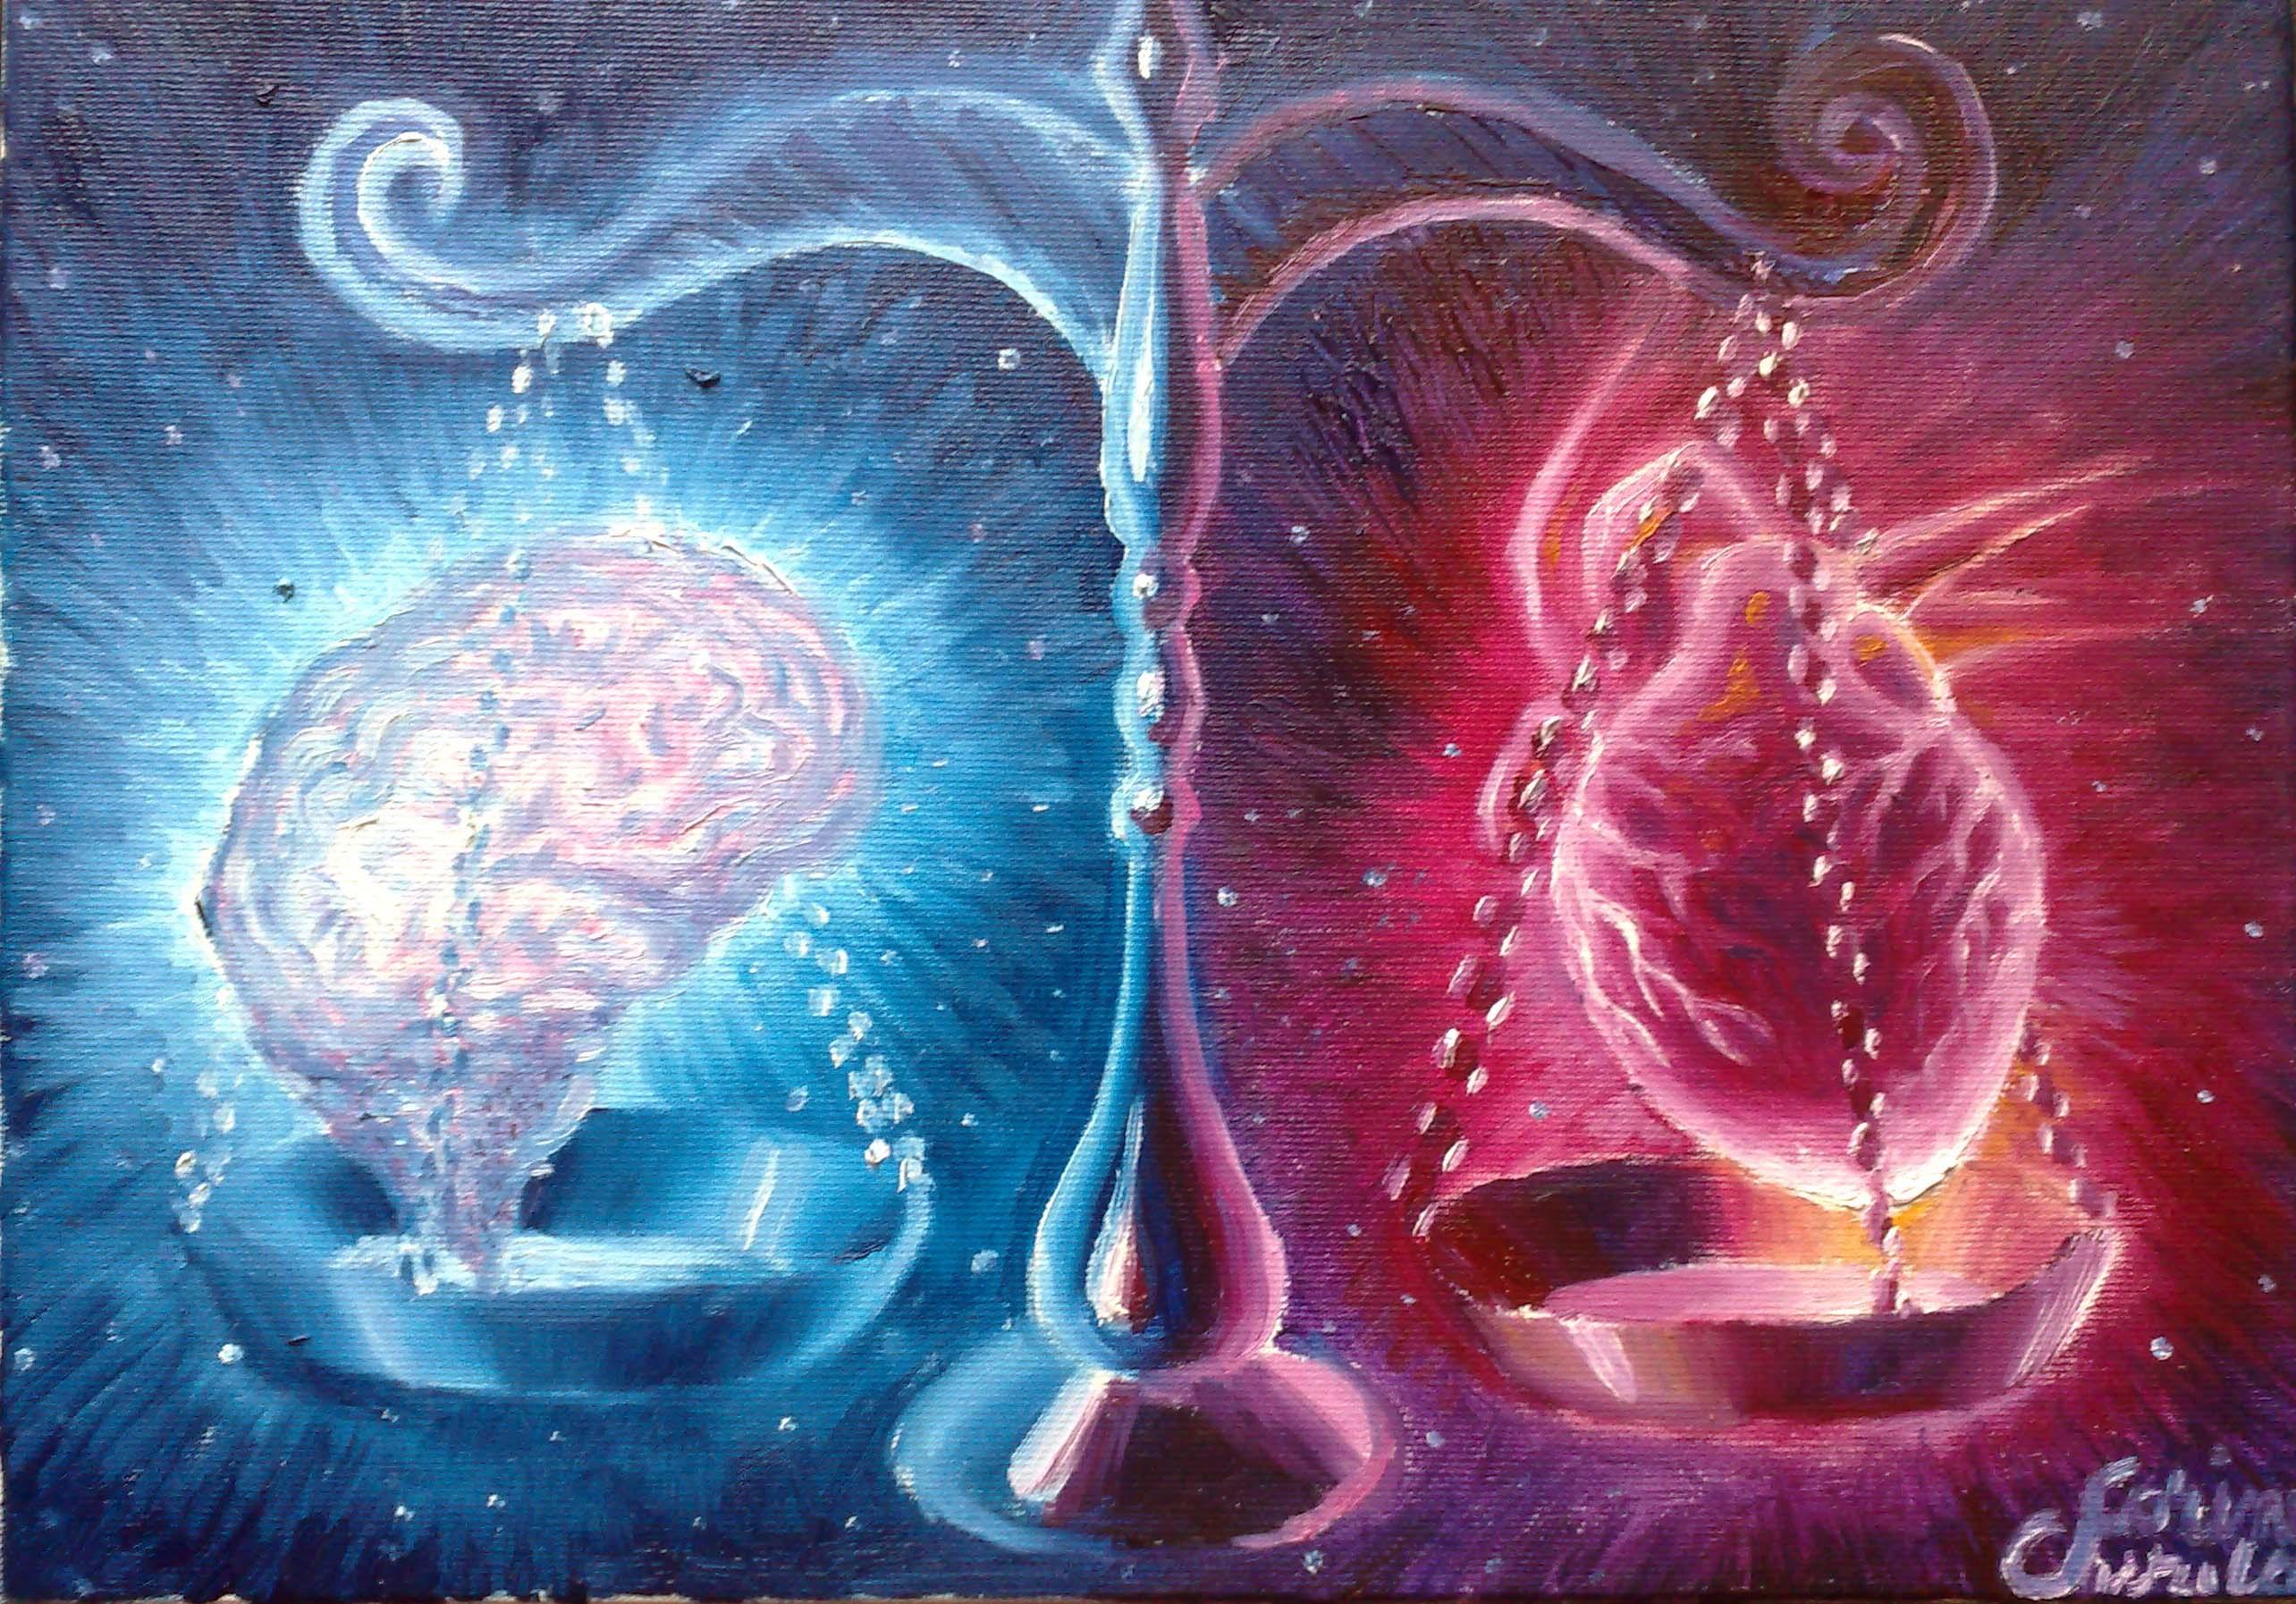 meditation, healing, 修行, 心靈成長, 大腦重塑, 神經重塑, 心臟, 心的力量, 平靜, 你的心是最強大的魔法